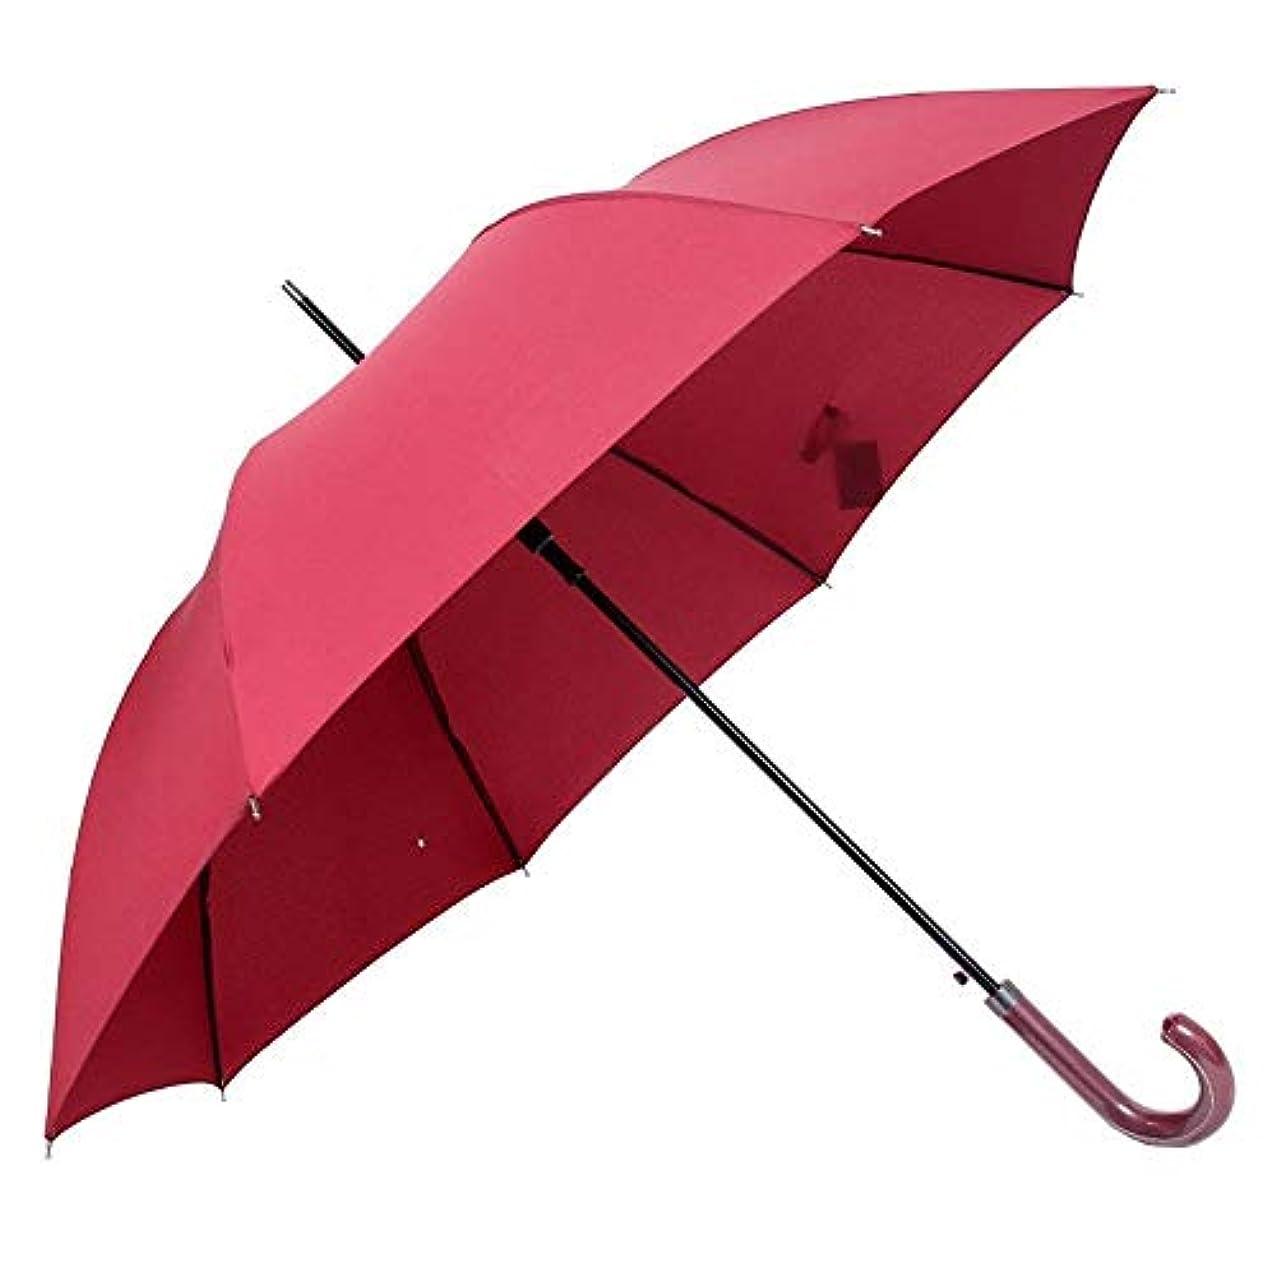 あいまい対応する波Chuangshengnet 傘傘革ハンドル屋外自動傘ダブル特大防風ロングハンドル傘インチ (Color : 赤)